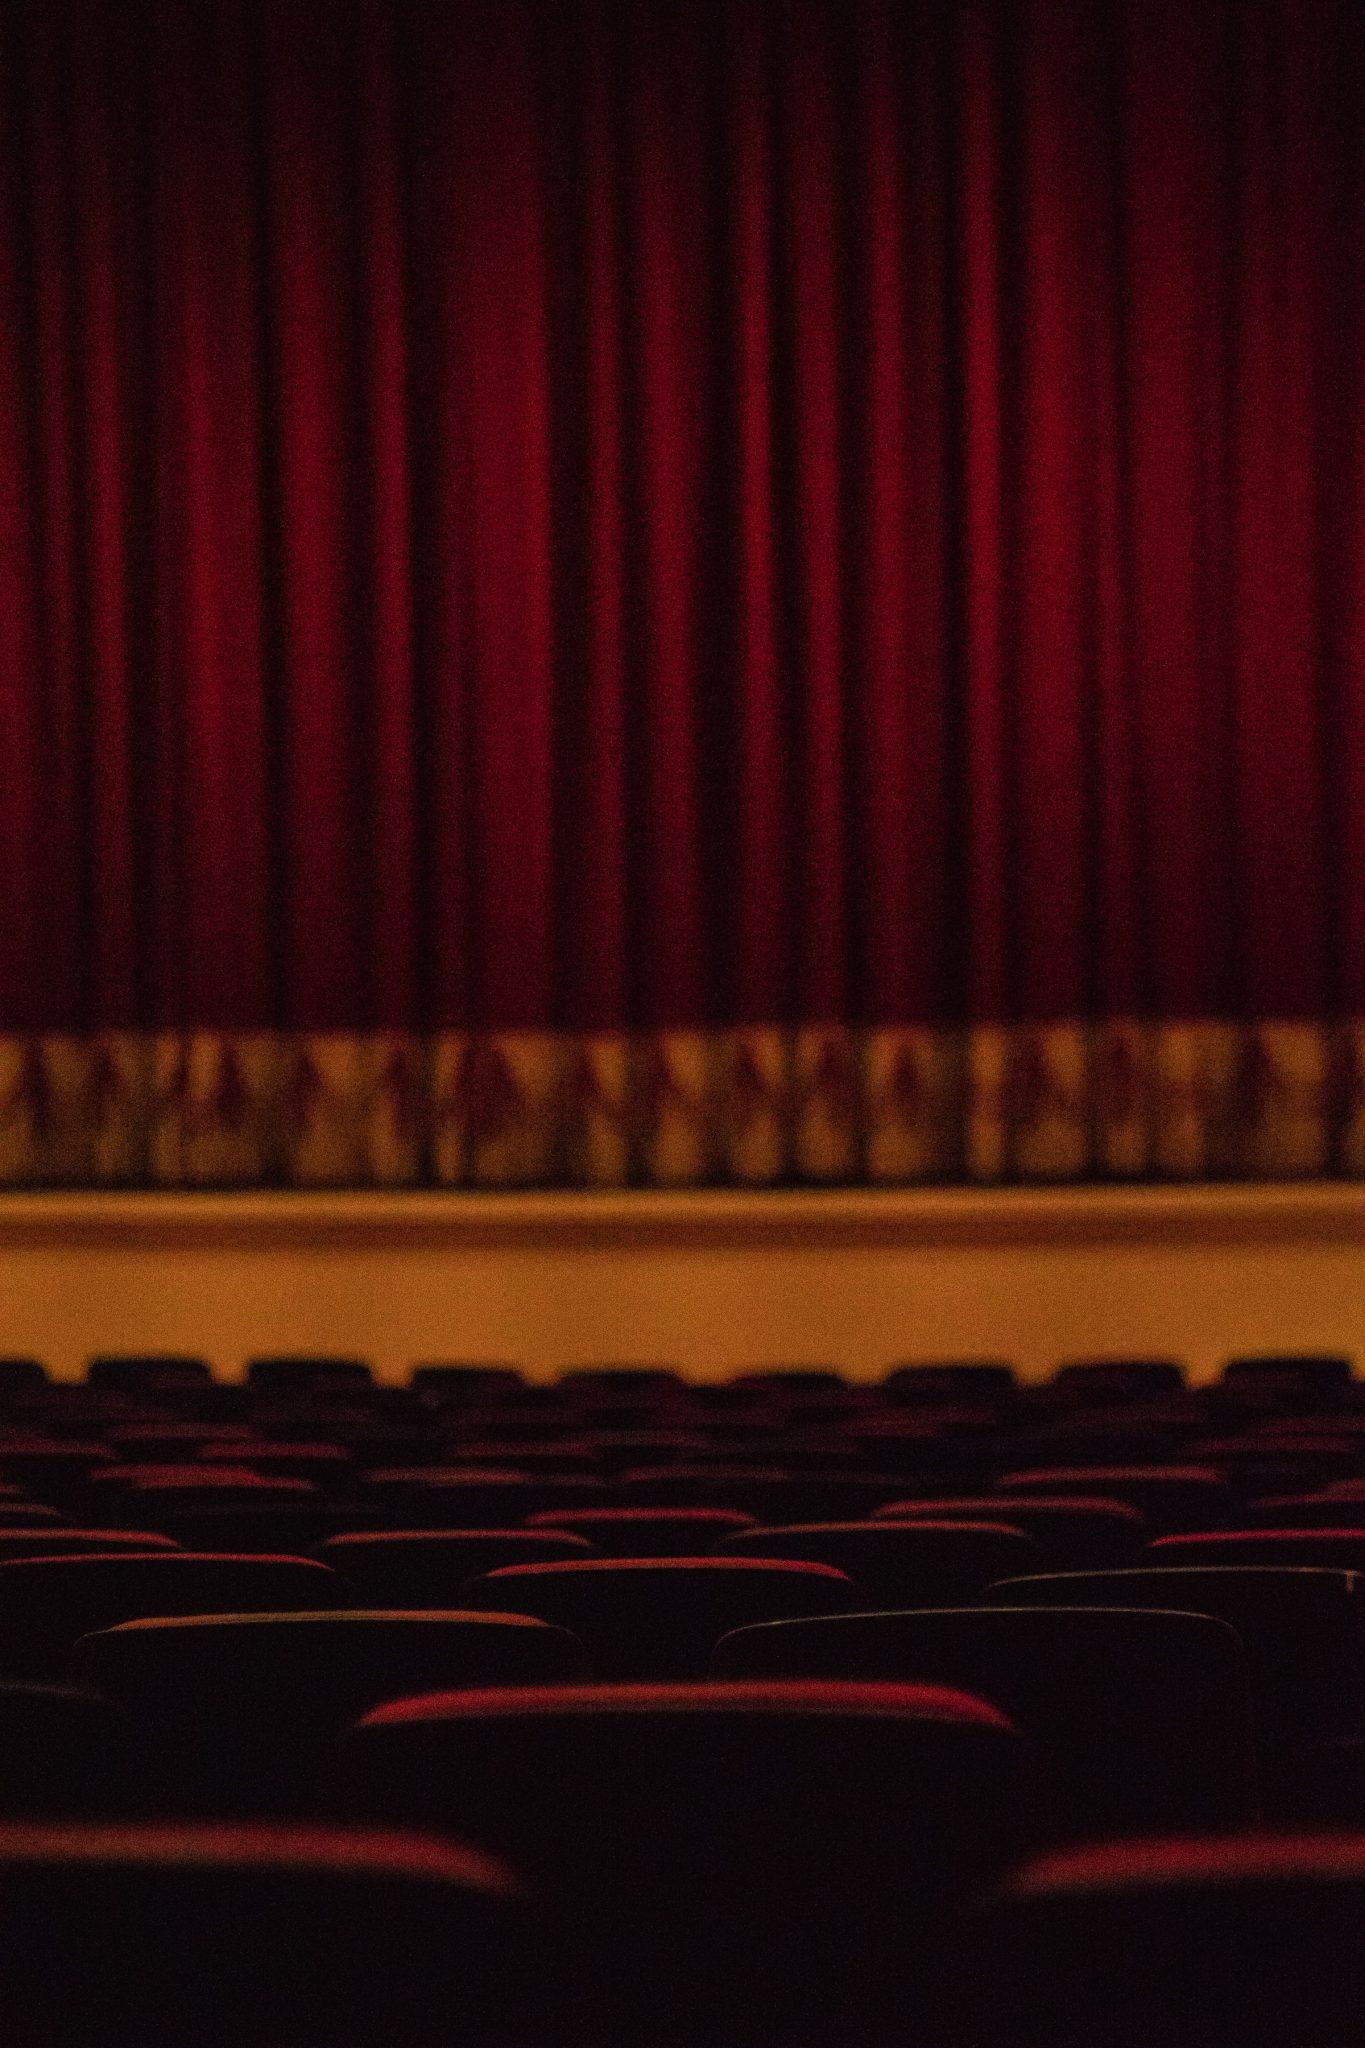 Kuvassa tyhjä teatterisali, jossa näkyy tyhjiä tuoleja sekä teatterin esirippu.